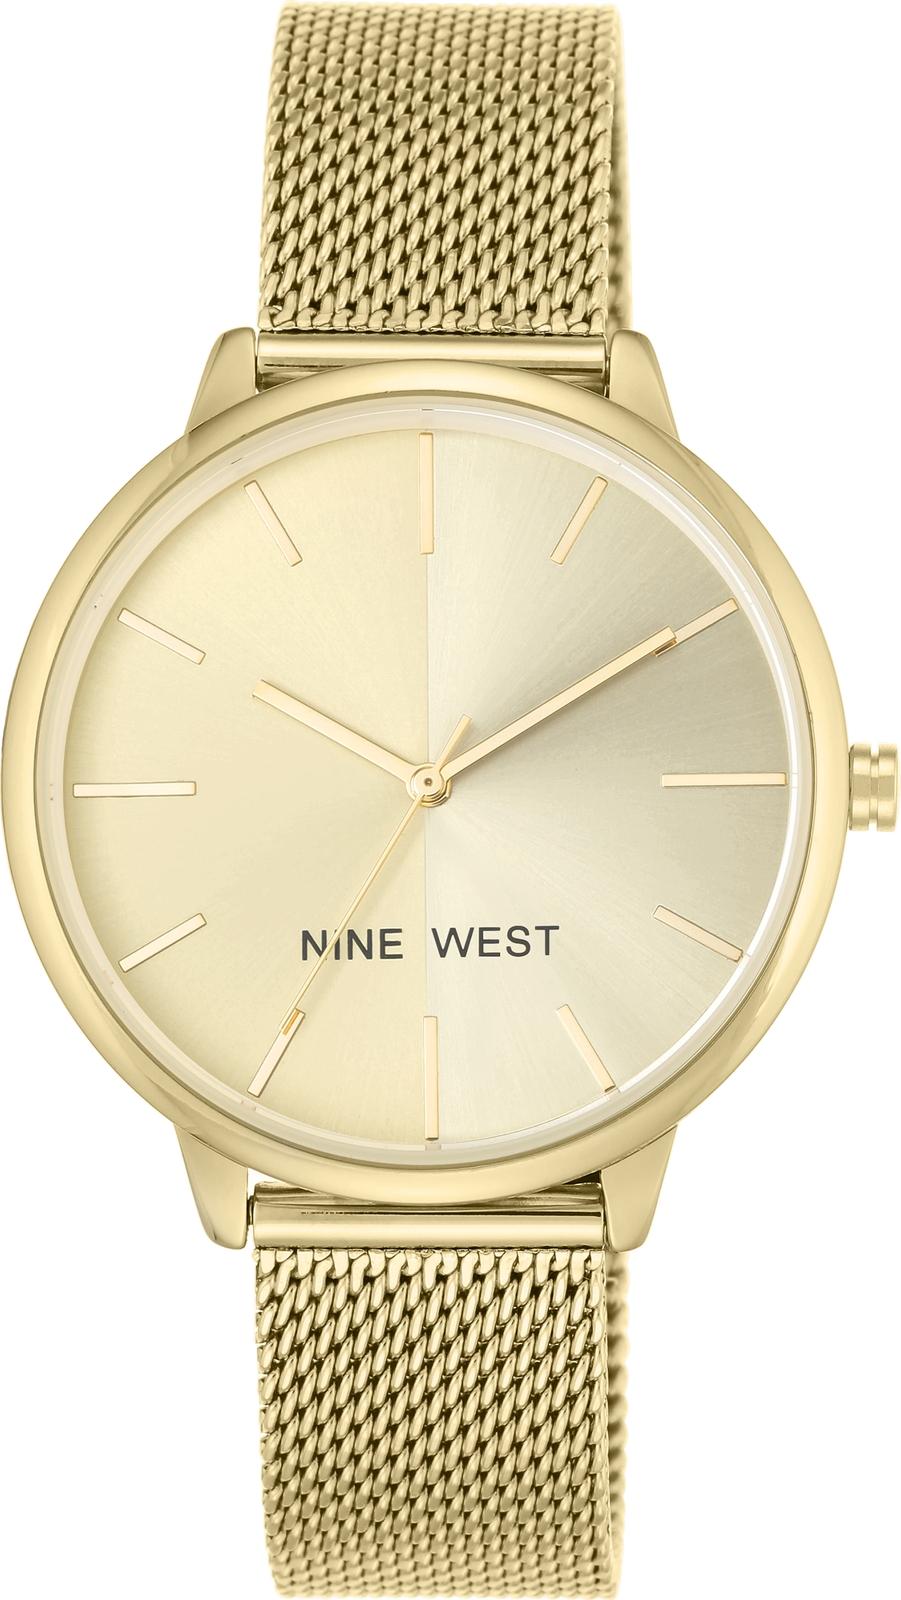 Наручные часы Nine West женские золотой